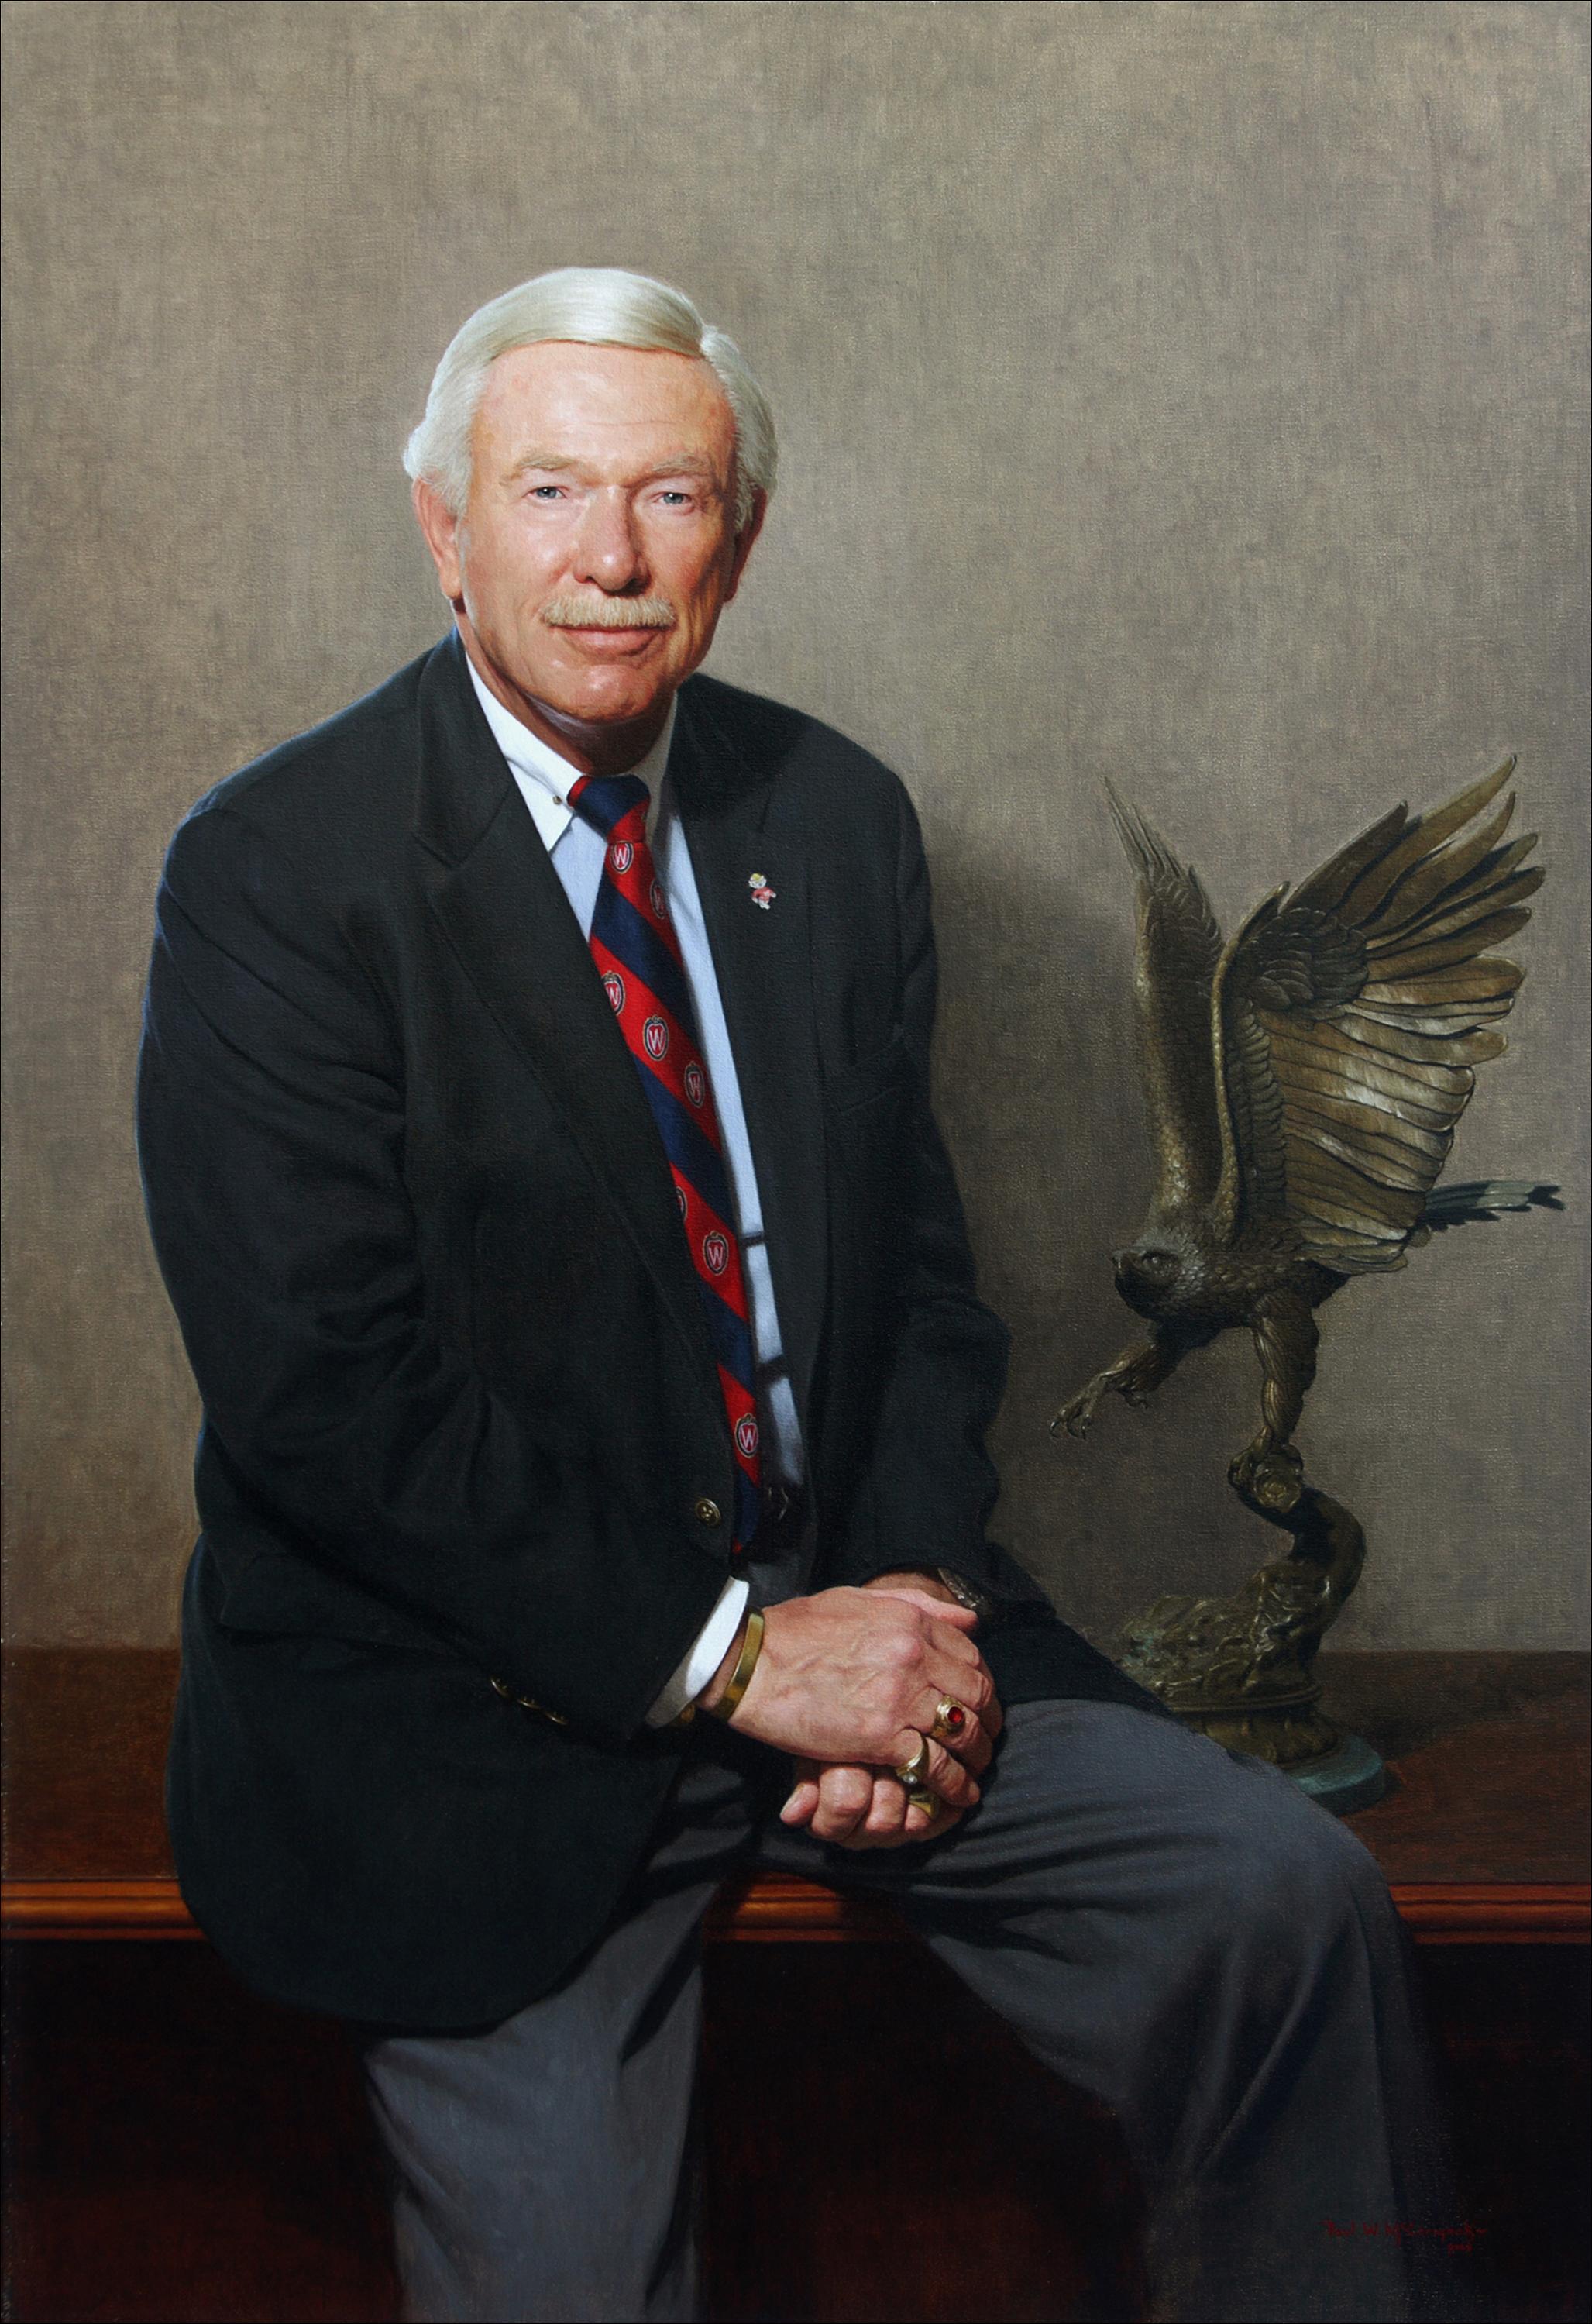 Mr. Jan VerHagen